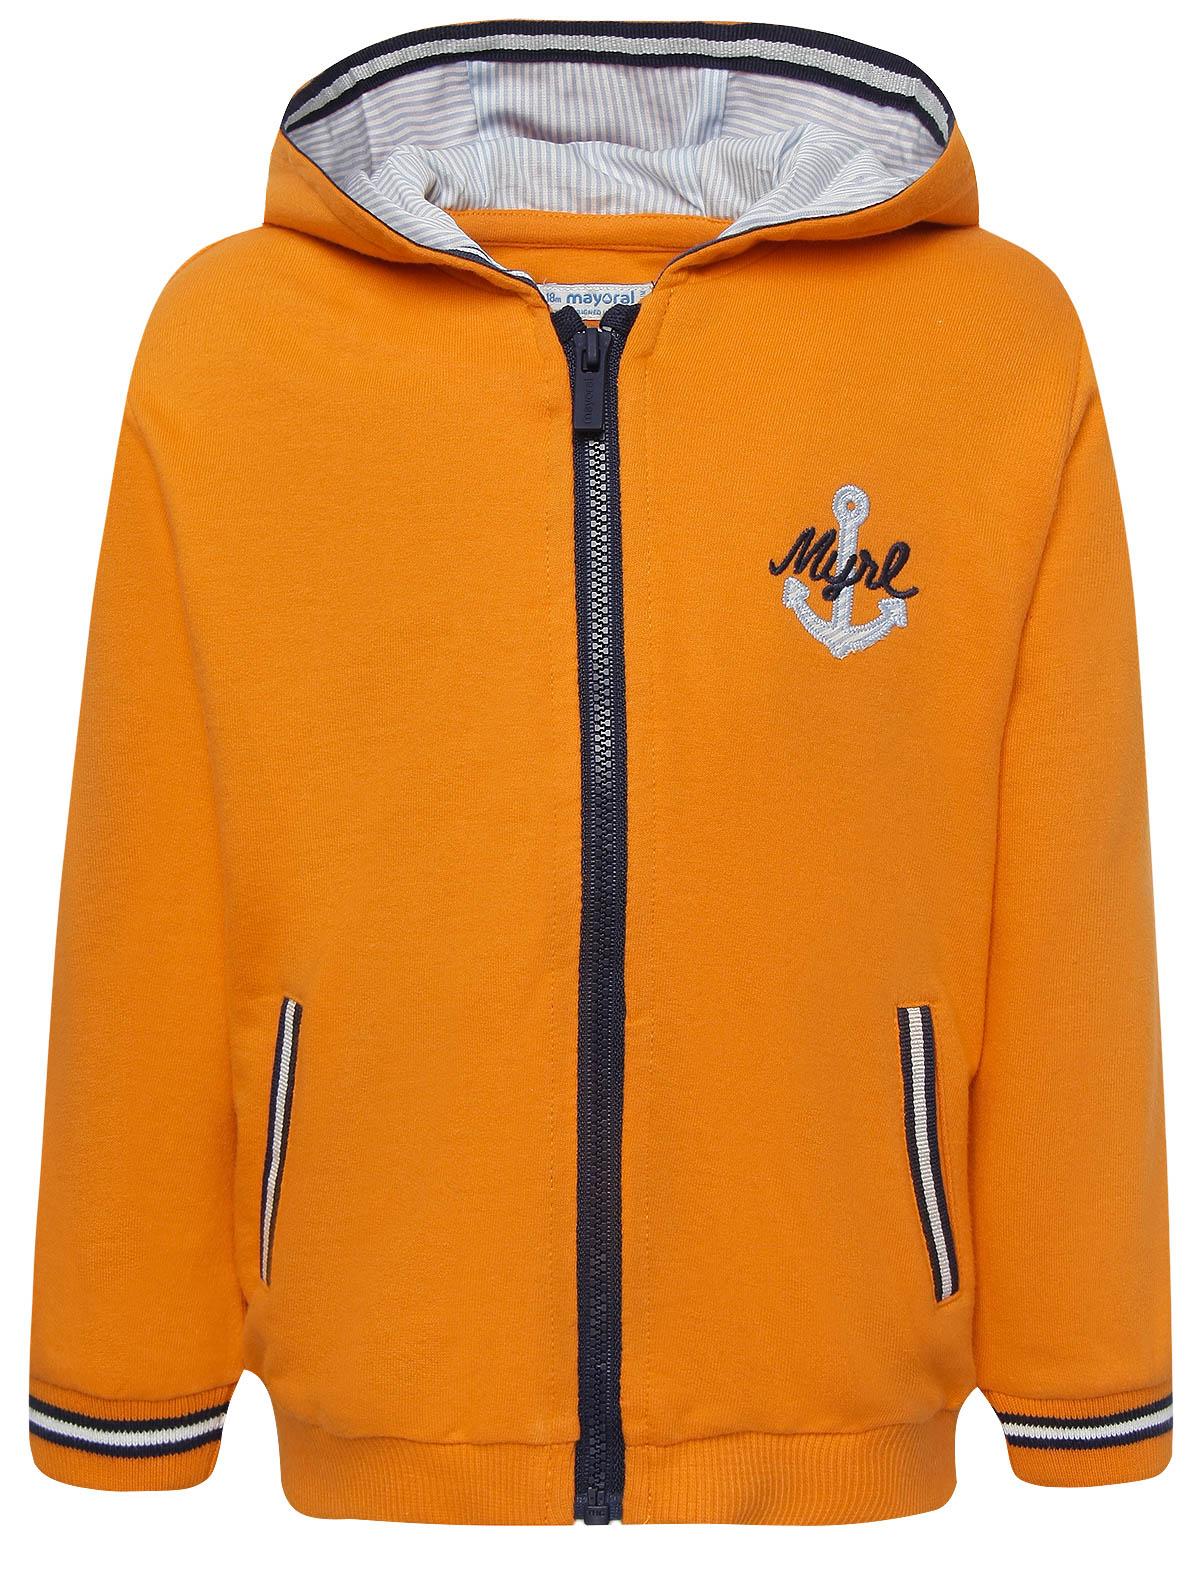 Купить 1857949, Толстовка Mayoral, оранжевый, Мужской, 0072419871458